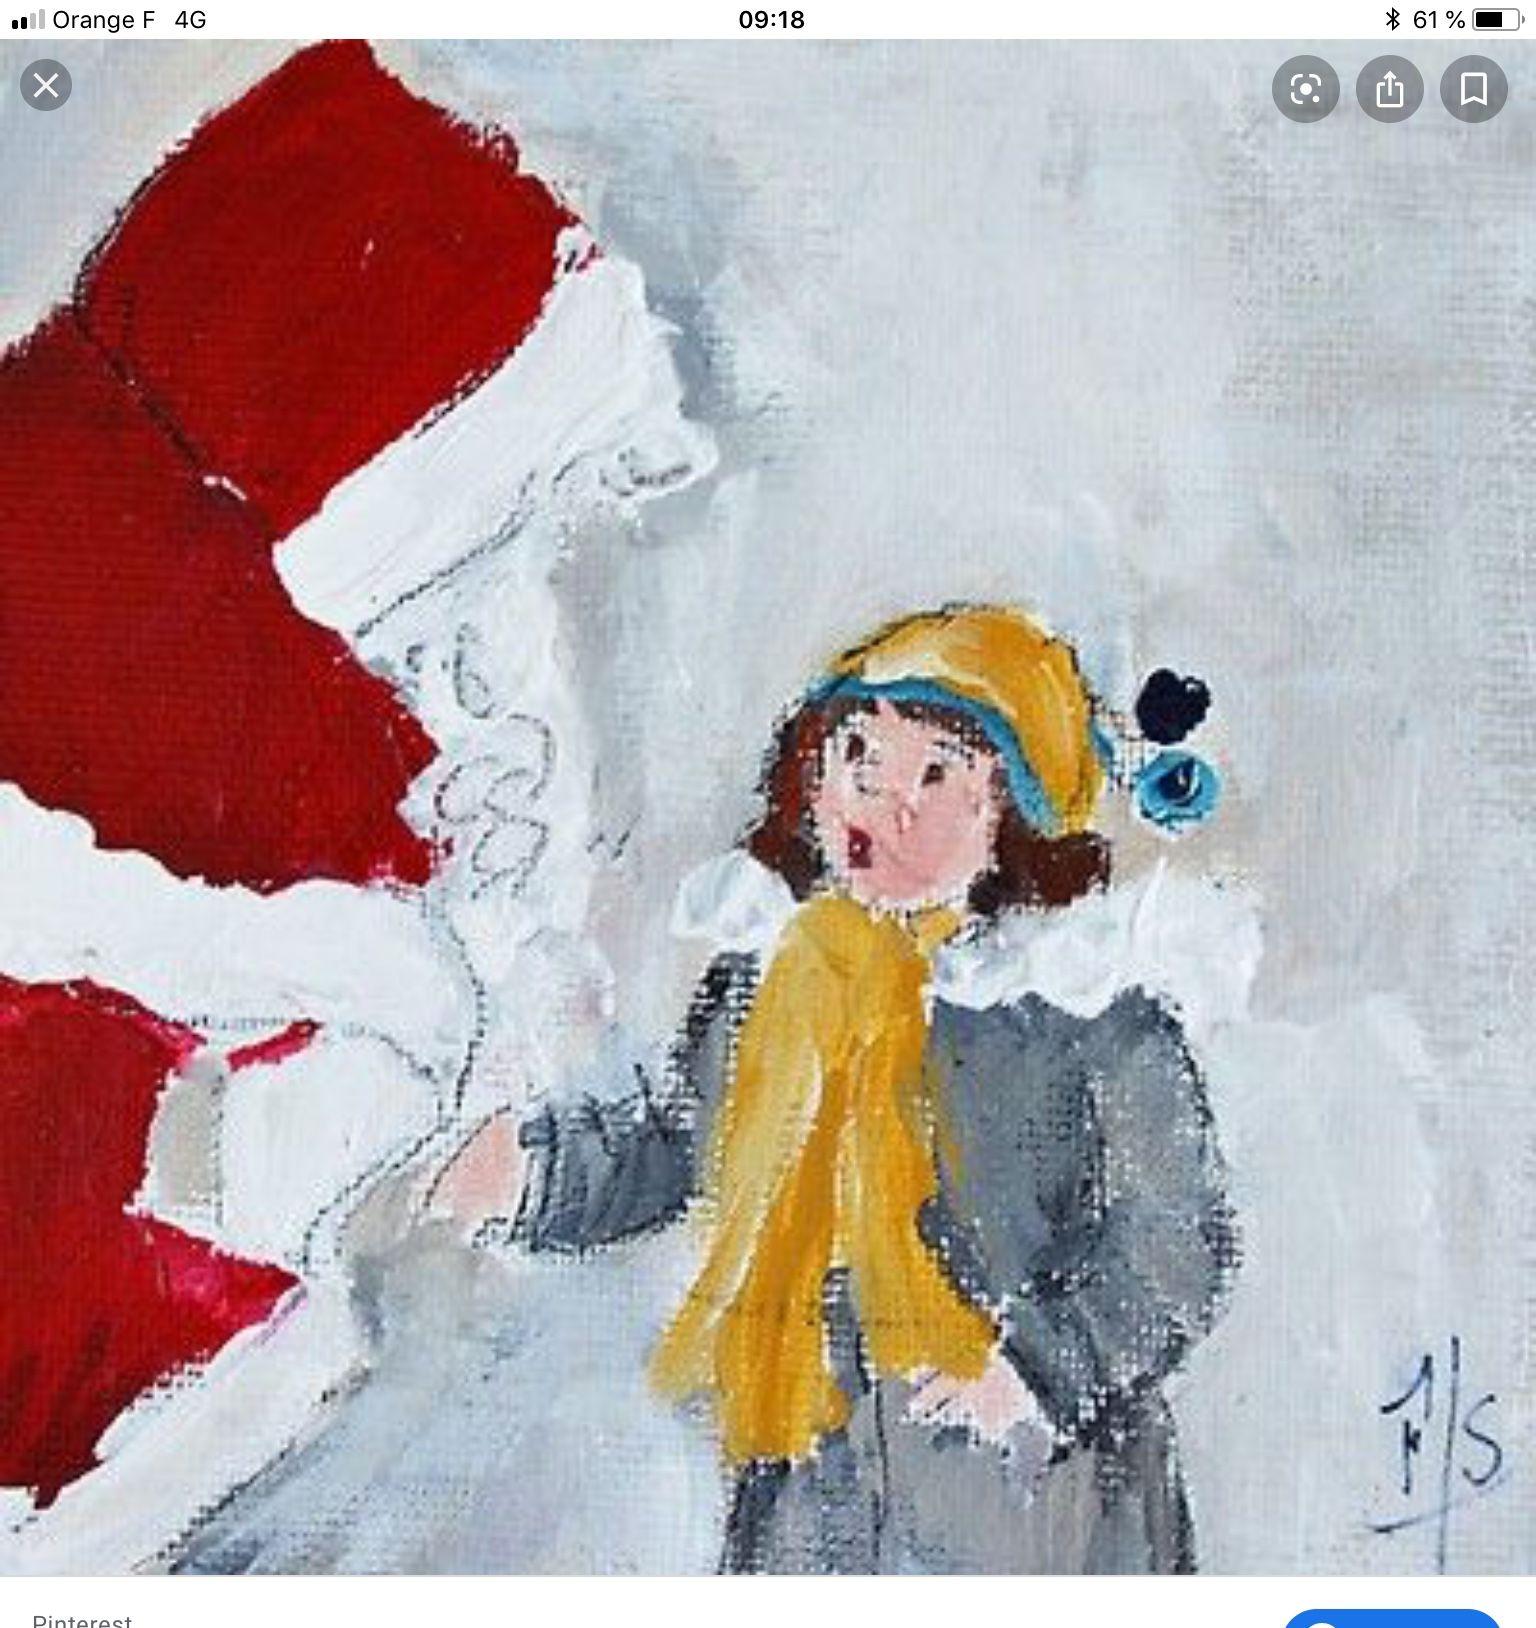 Épinglé par Yvonne Cordier sur Dessin | Comment peindre, Oeuvre d'art,  Peinture croquis